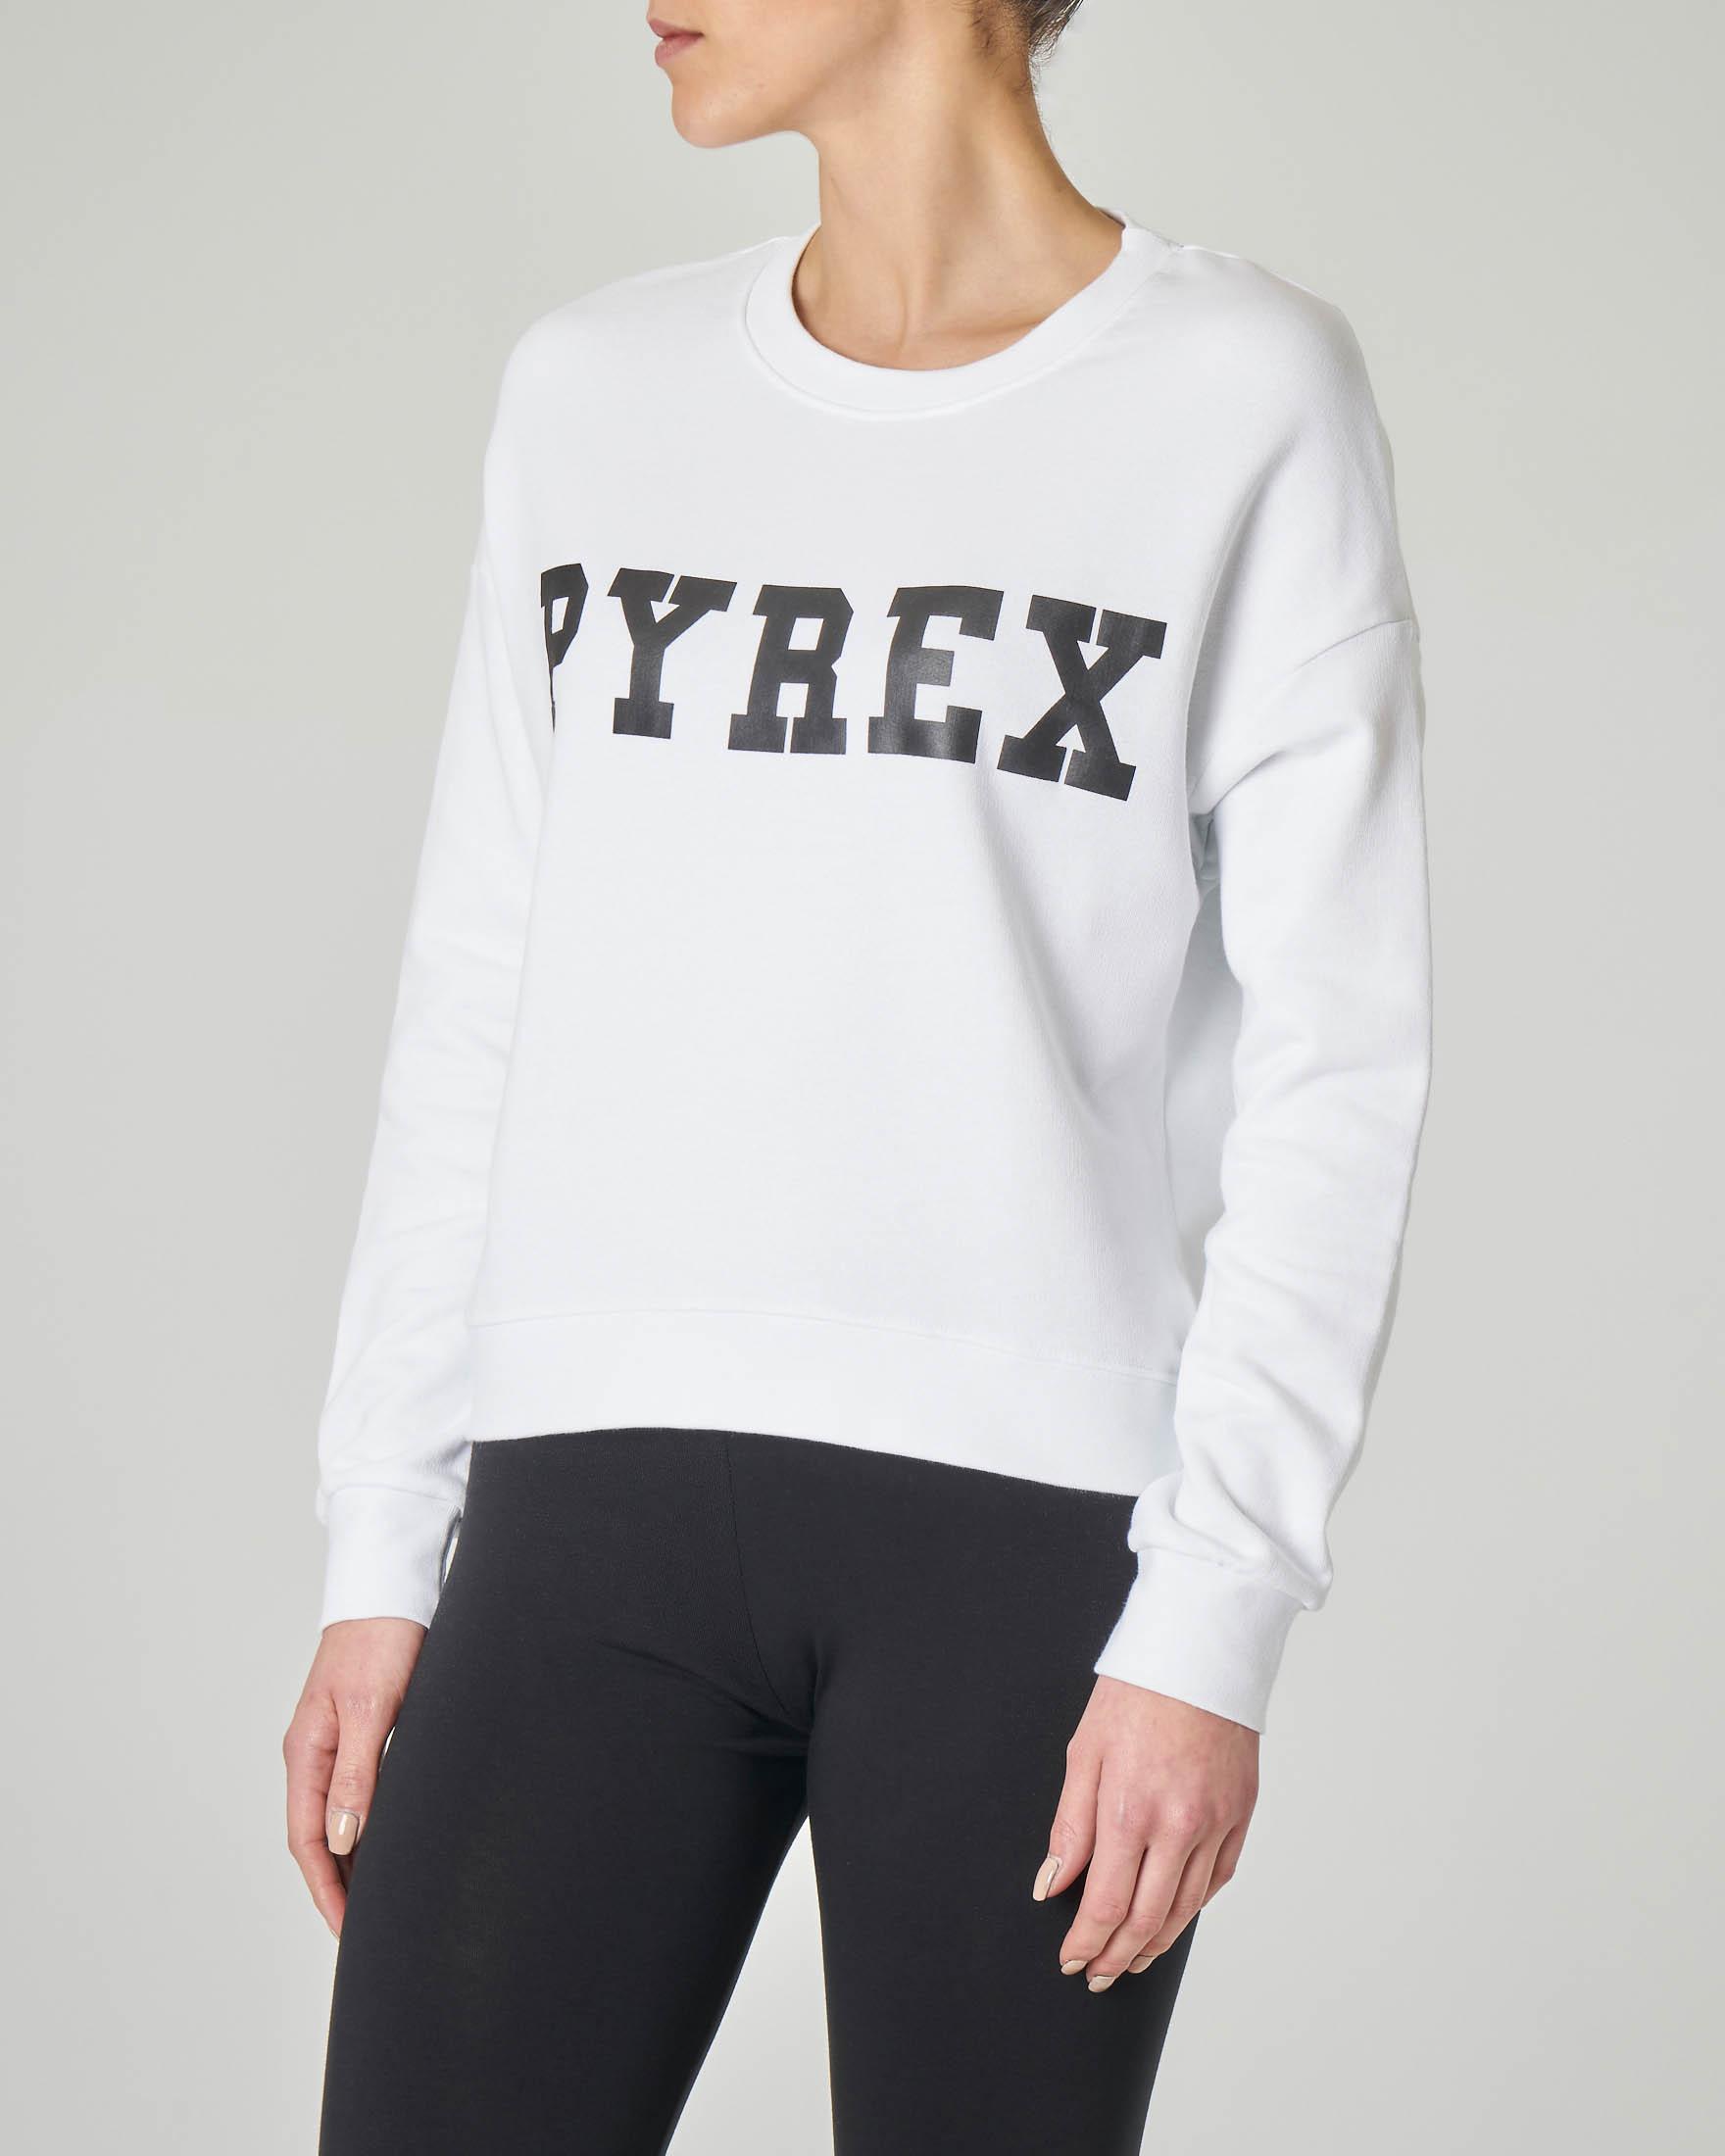 Felpa girocollo bianca in jersey di cotone con logo nero